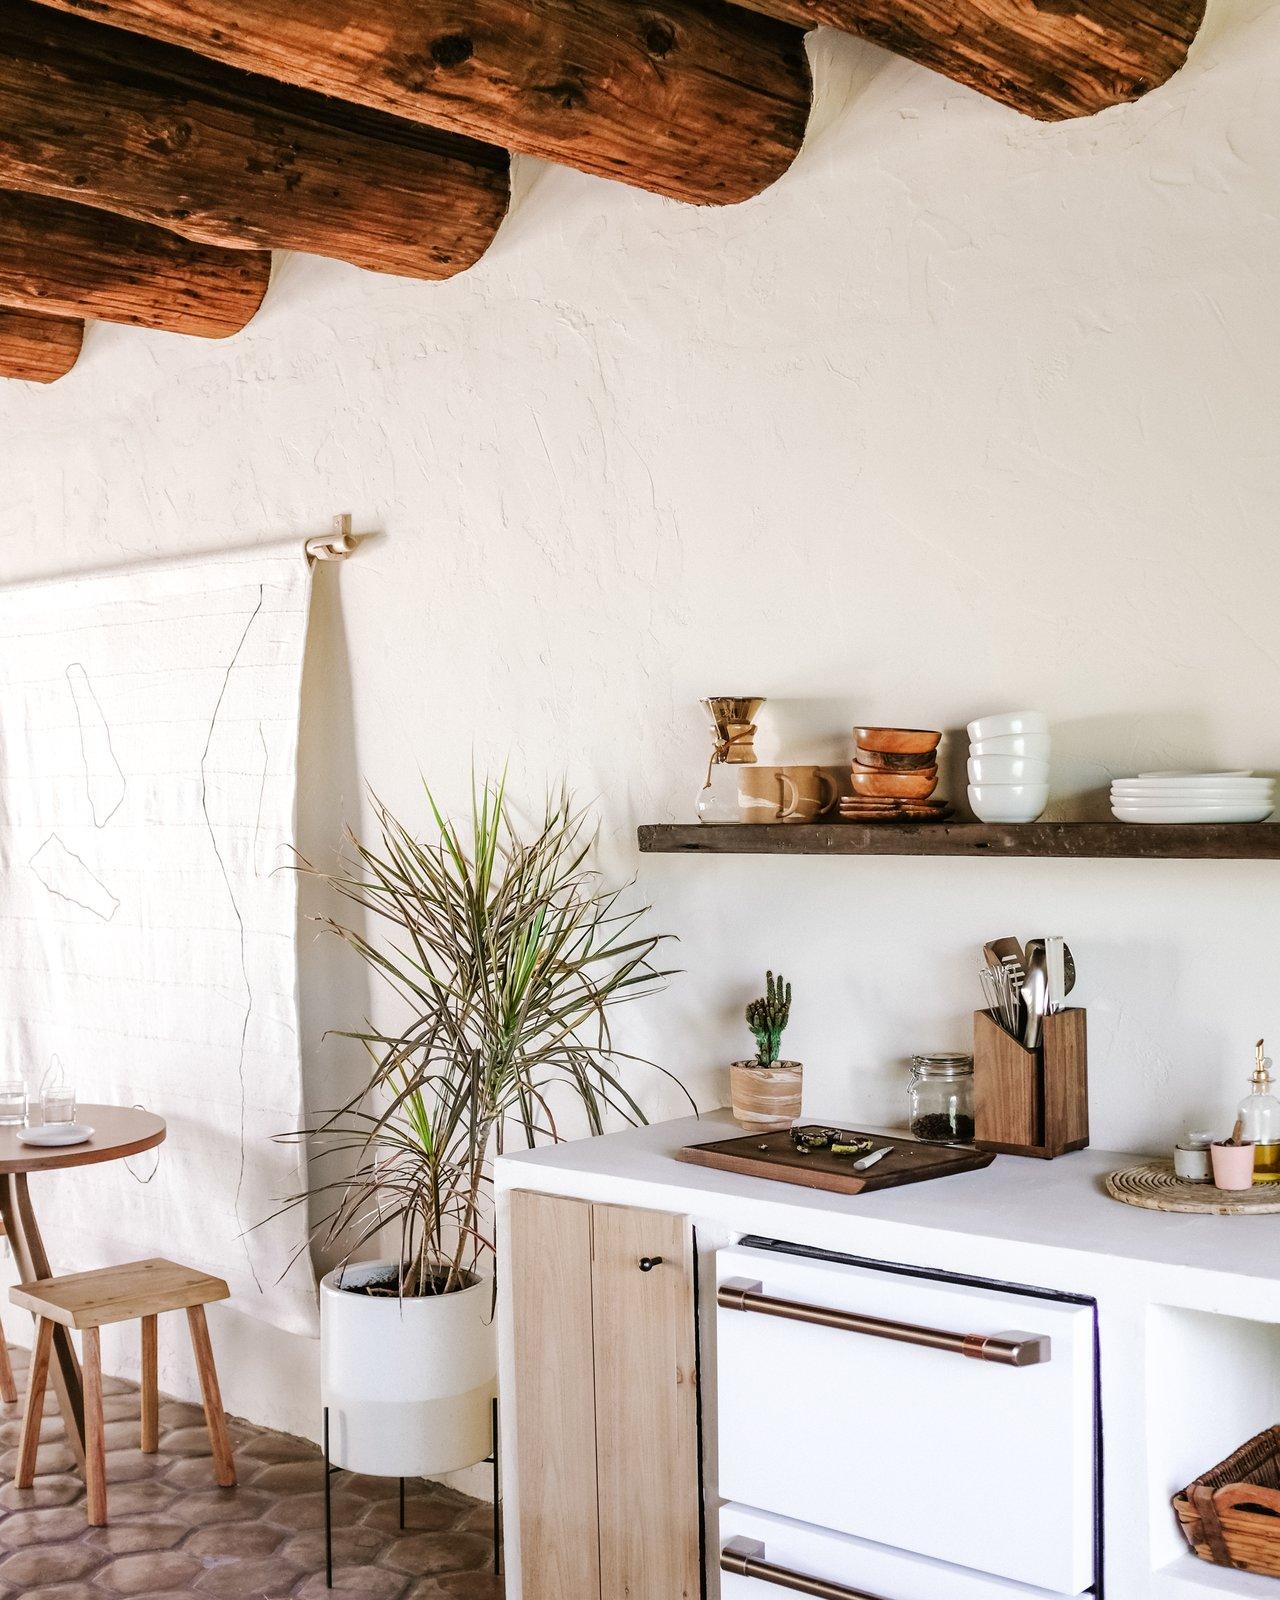 The Posada Sara and Rich Combs kitchen